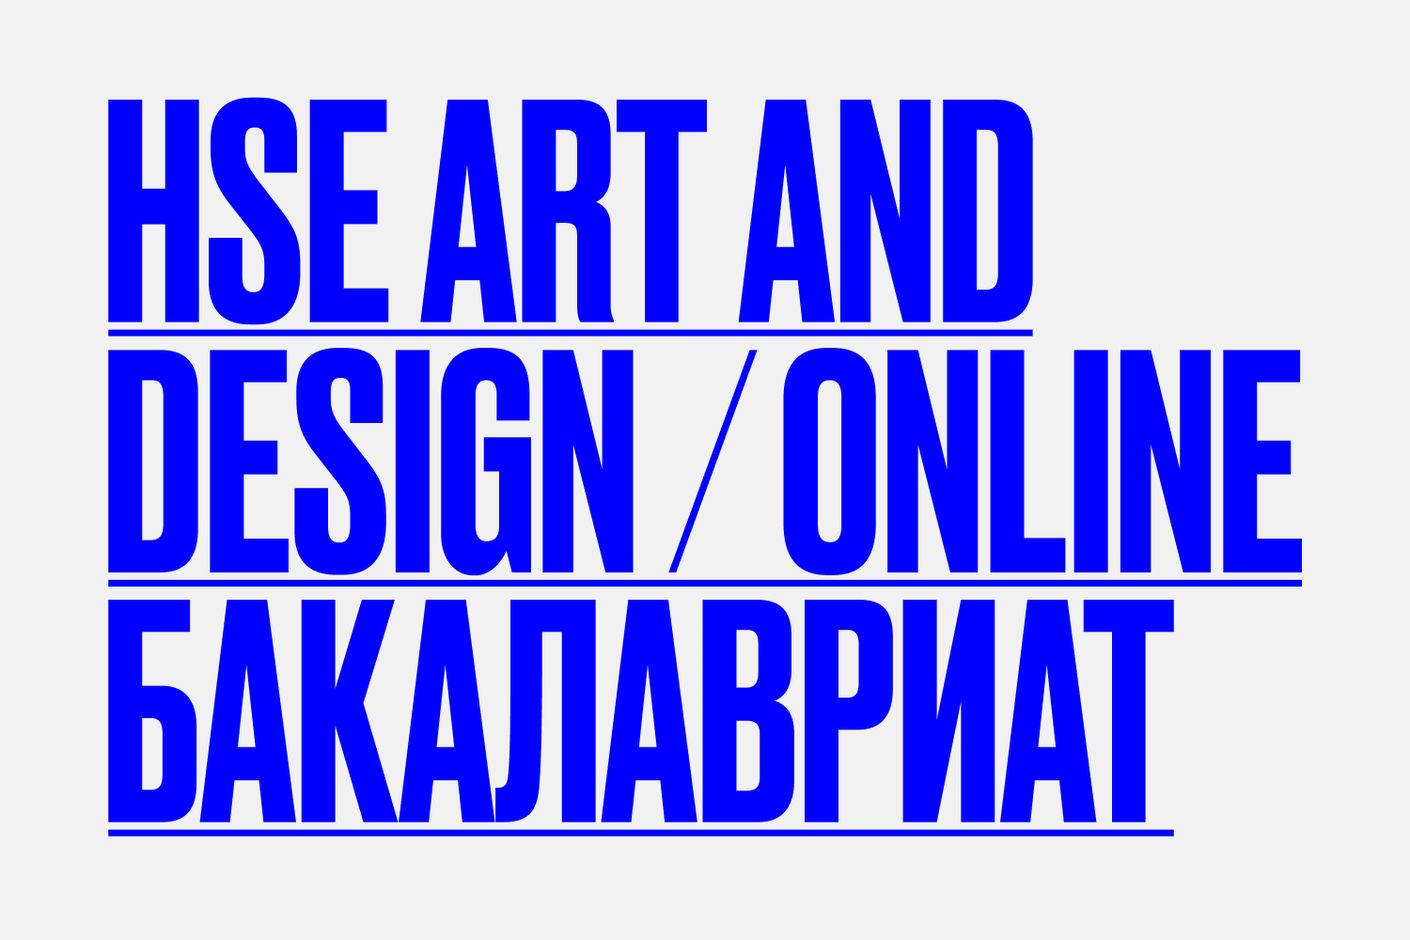 Школа дизайна открывает онлайн-бакалавриат